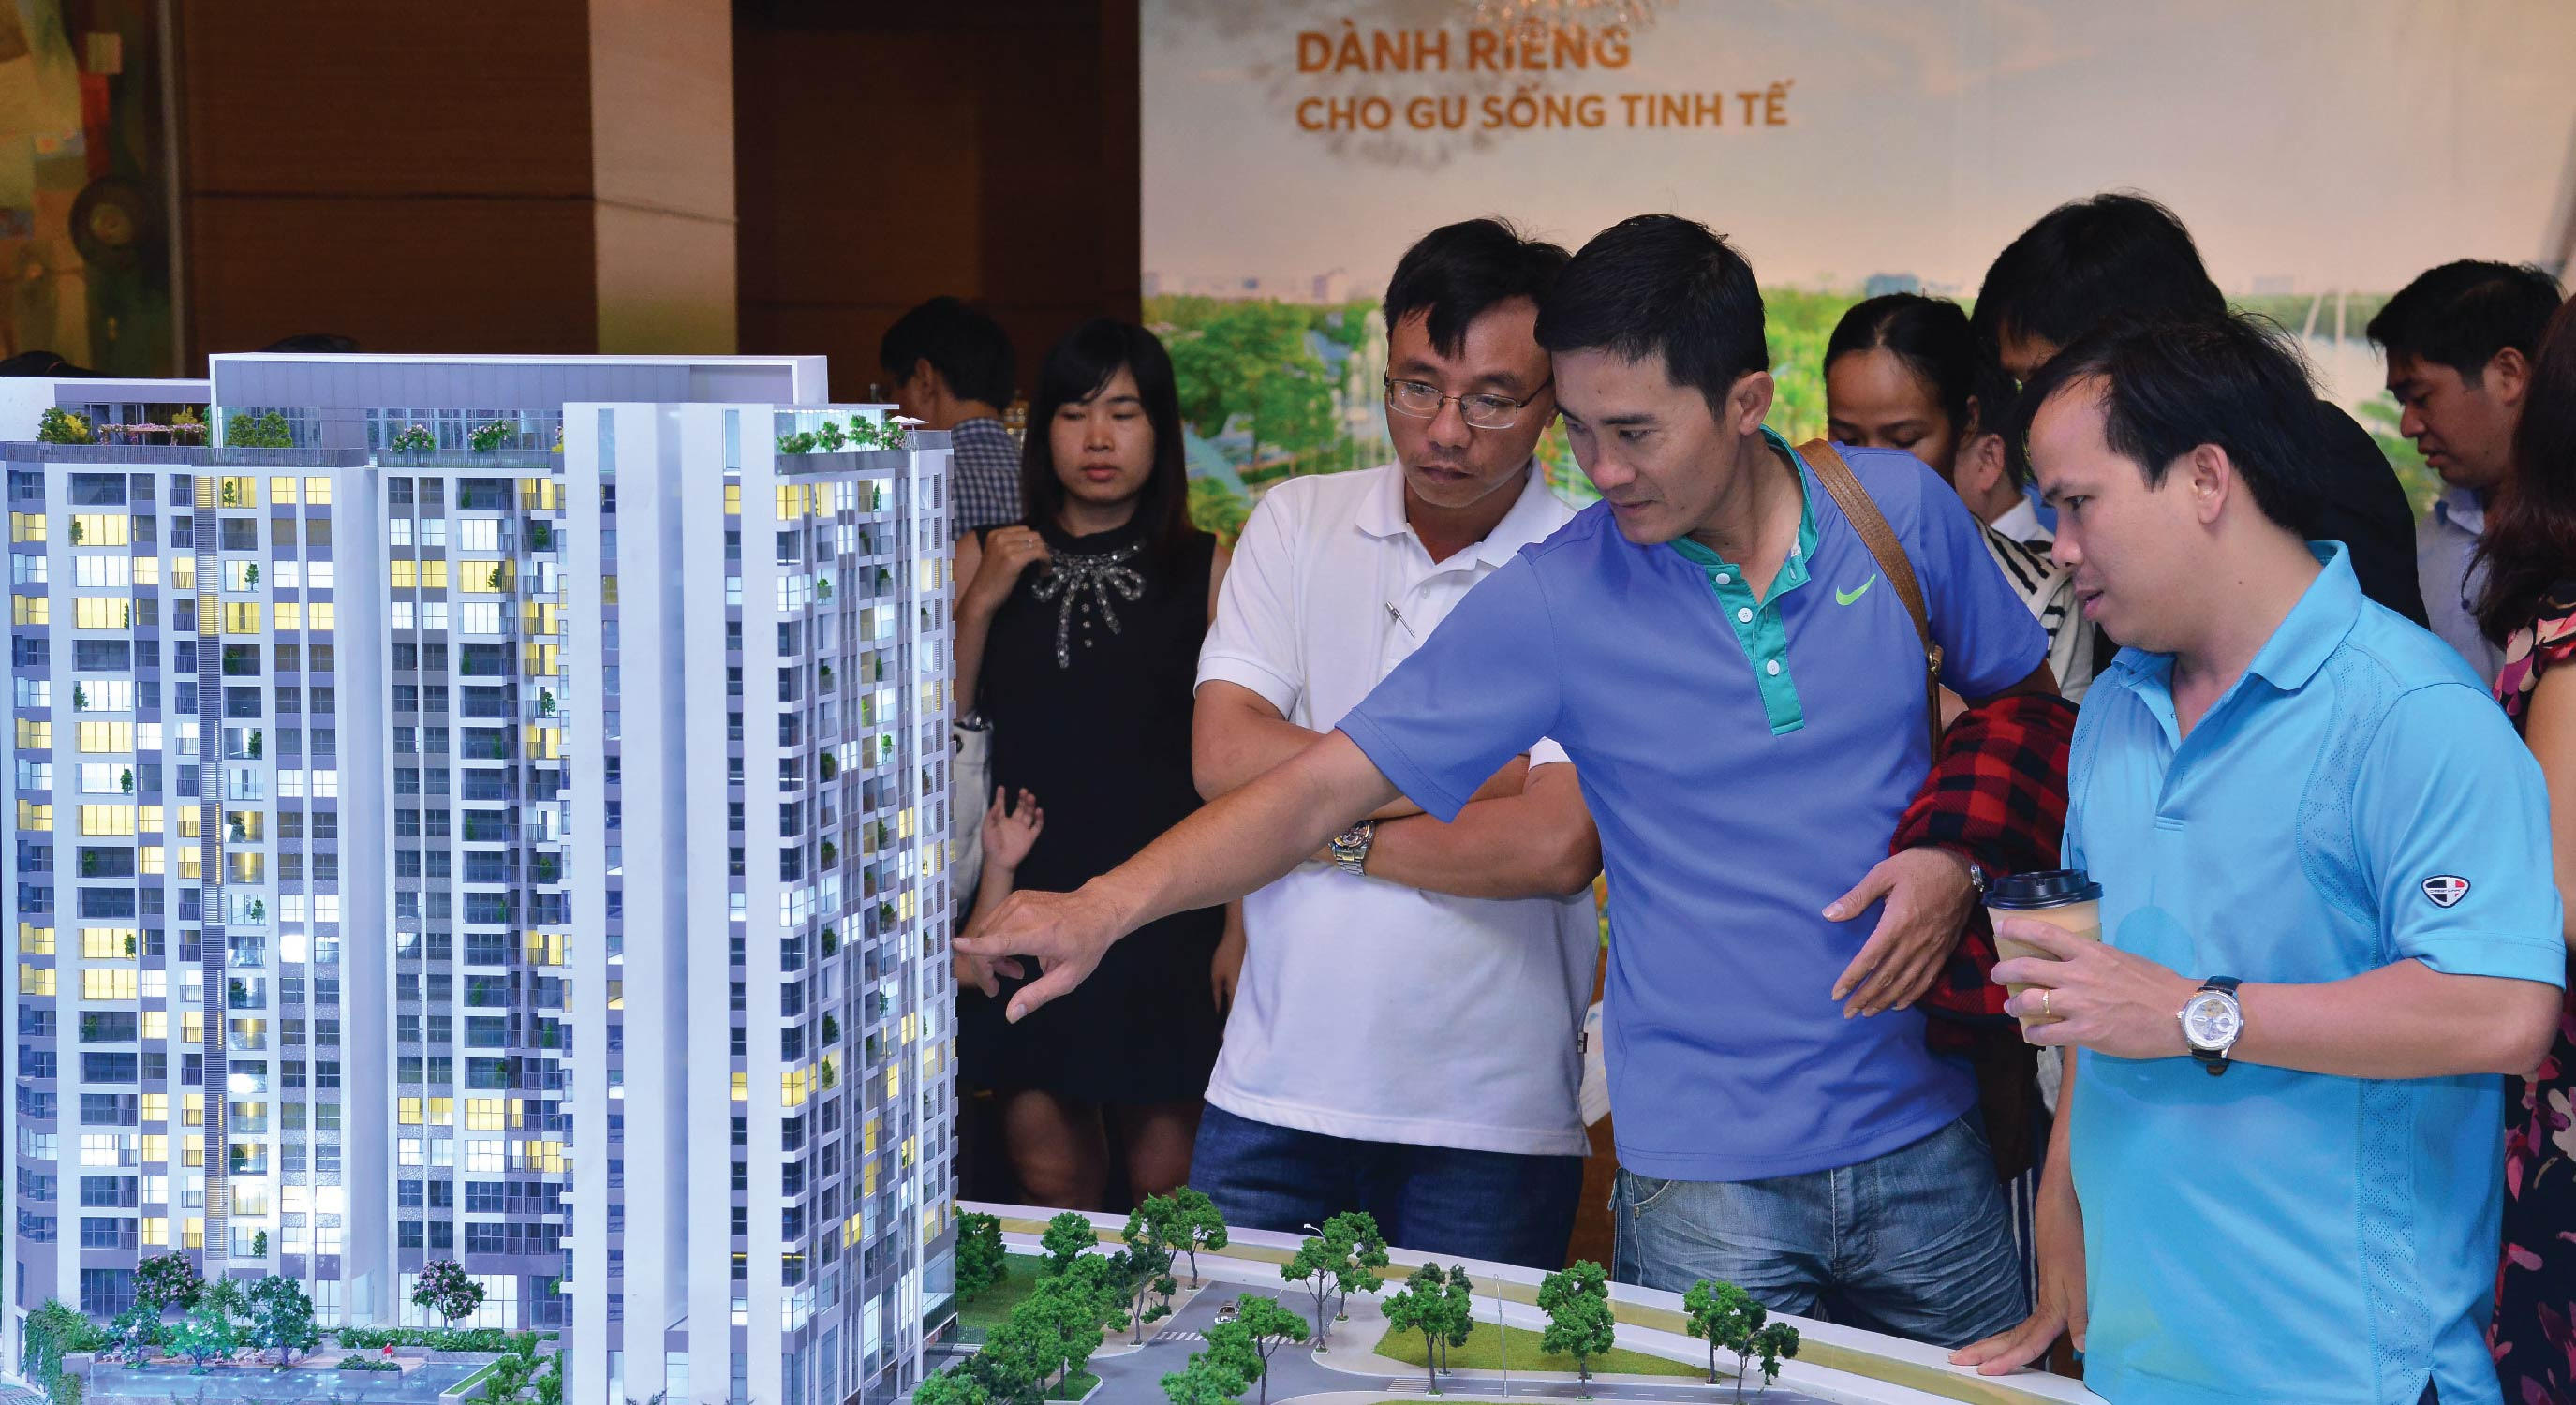 Căn hộ Office-tel Thủ Thiêm Dragon 1,2 tỷ hút khách ngay khi ra mắt